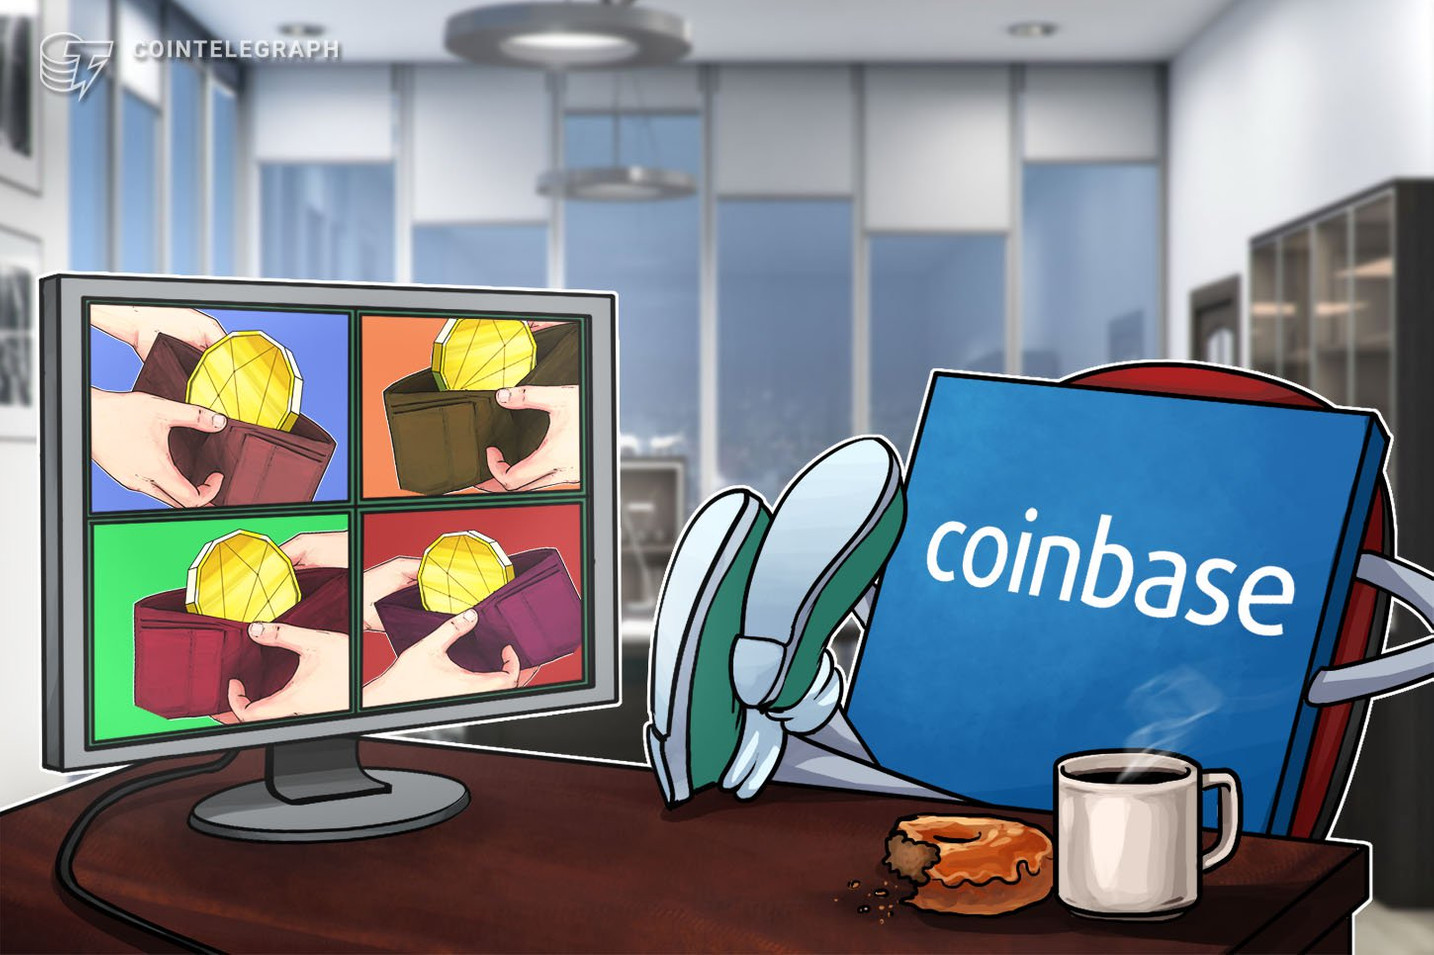 Coinbase proširuje svoje poslovanje na prekogranične usluge